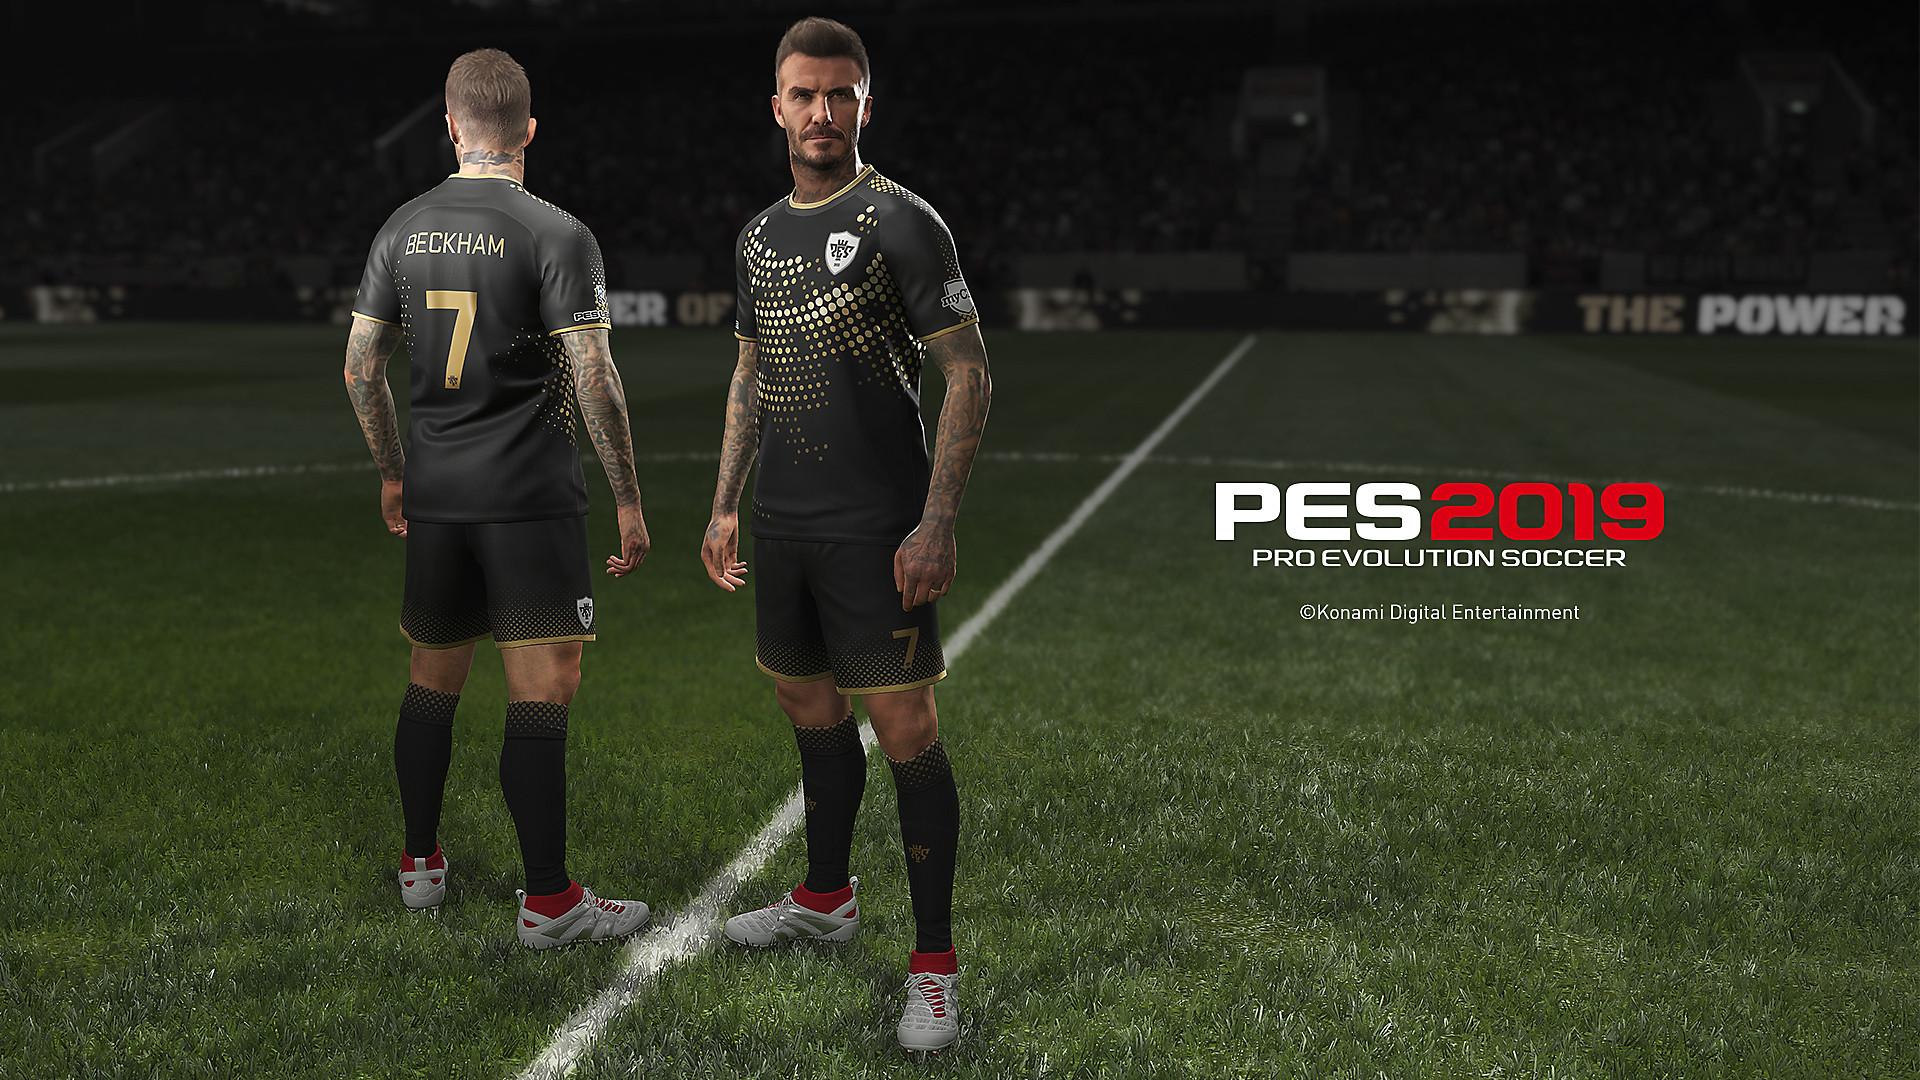 PES2019_Beckham_Full